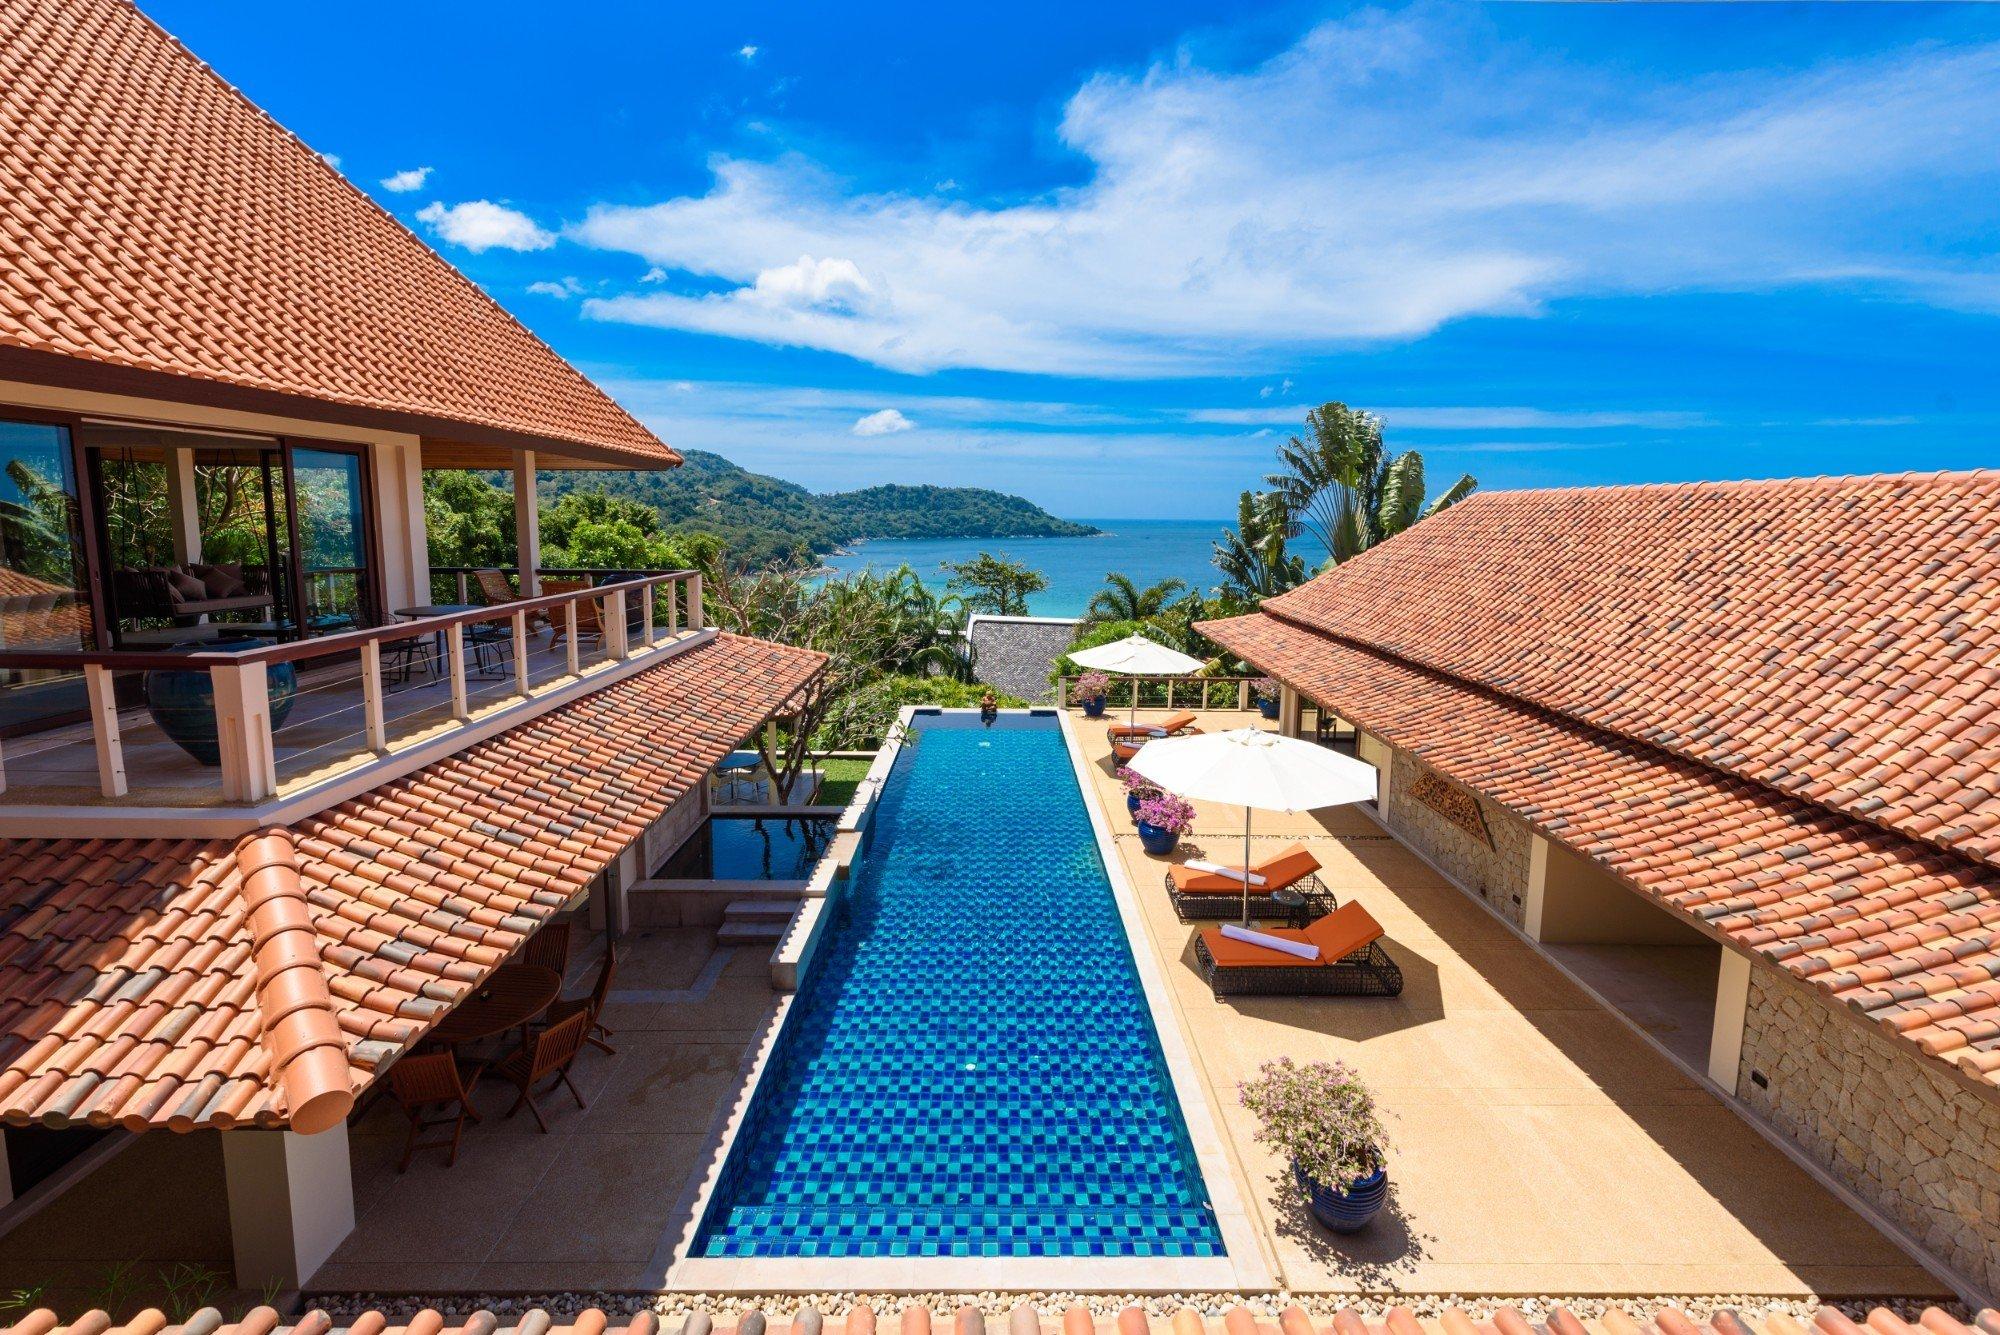 Villa in Karon, Phuket, Thailand 1